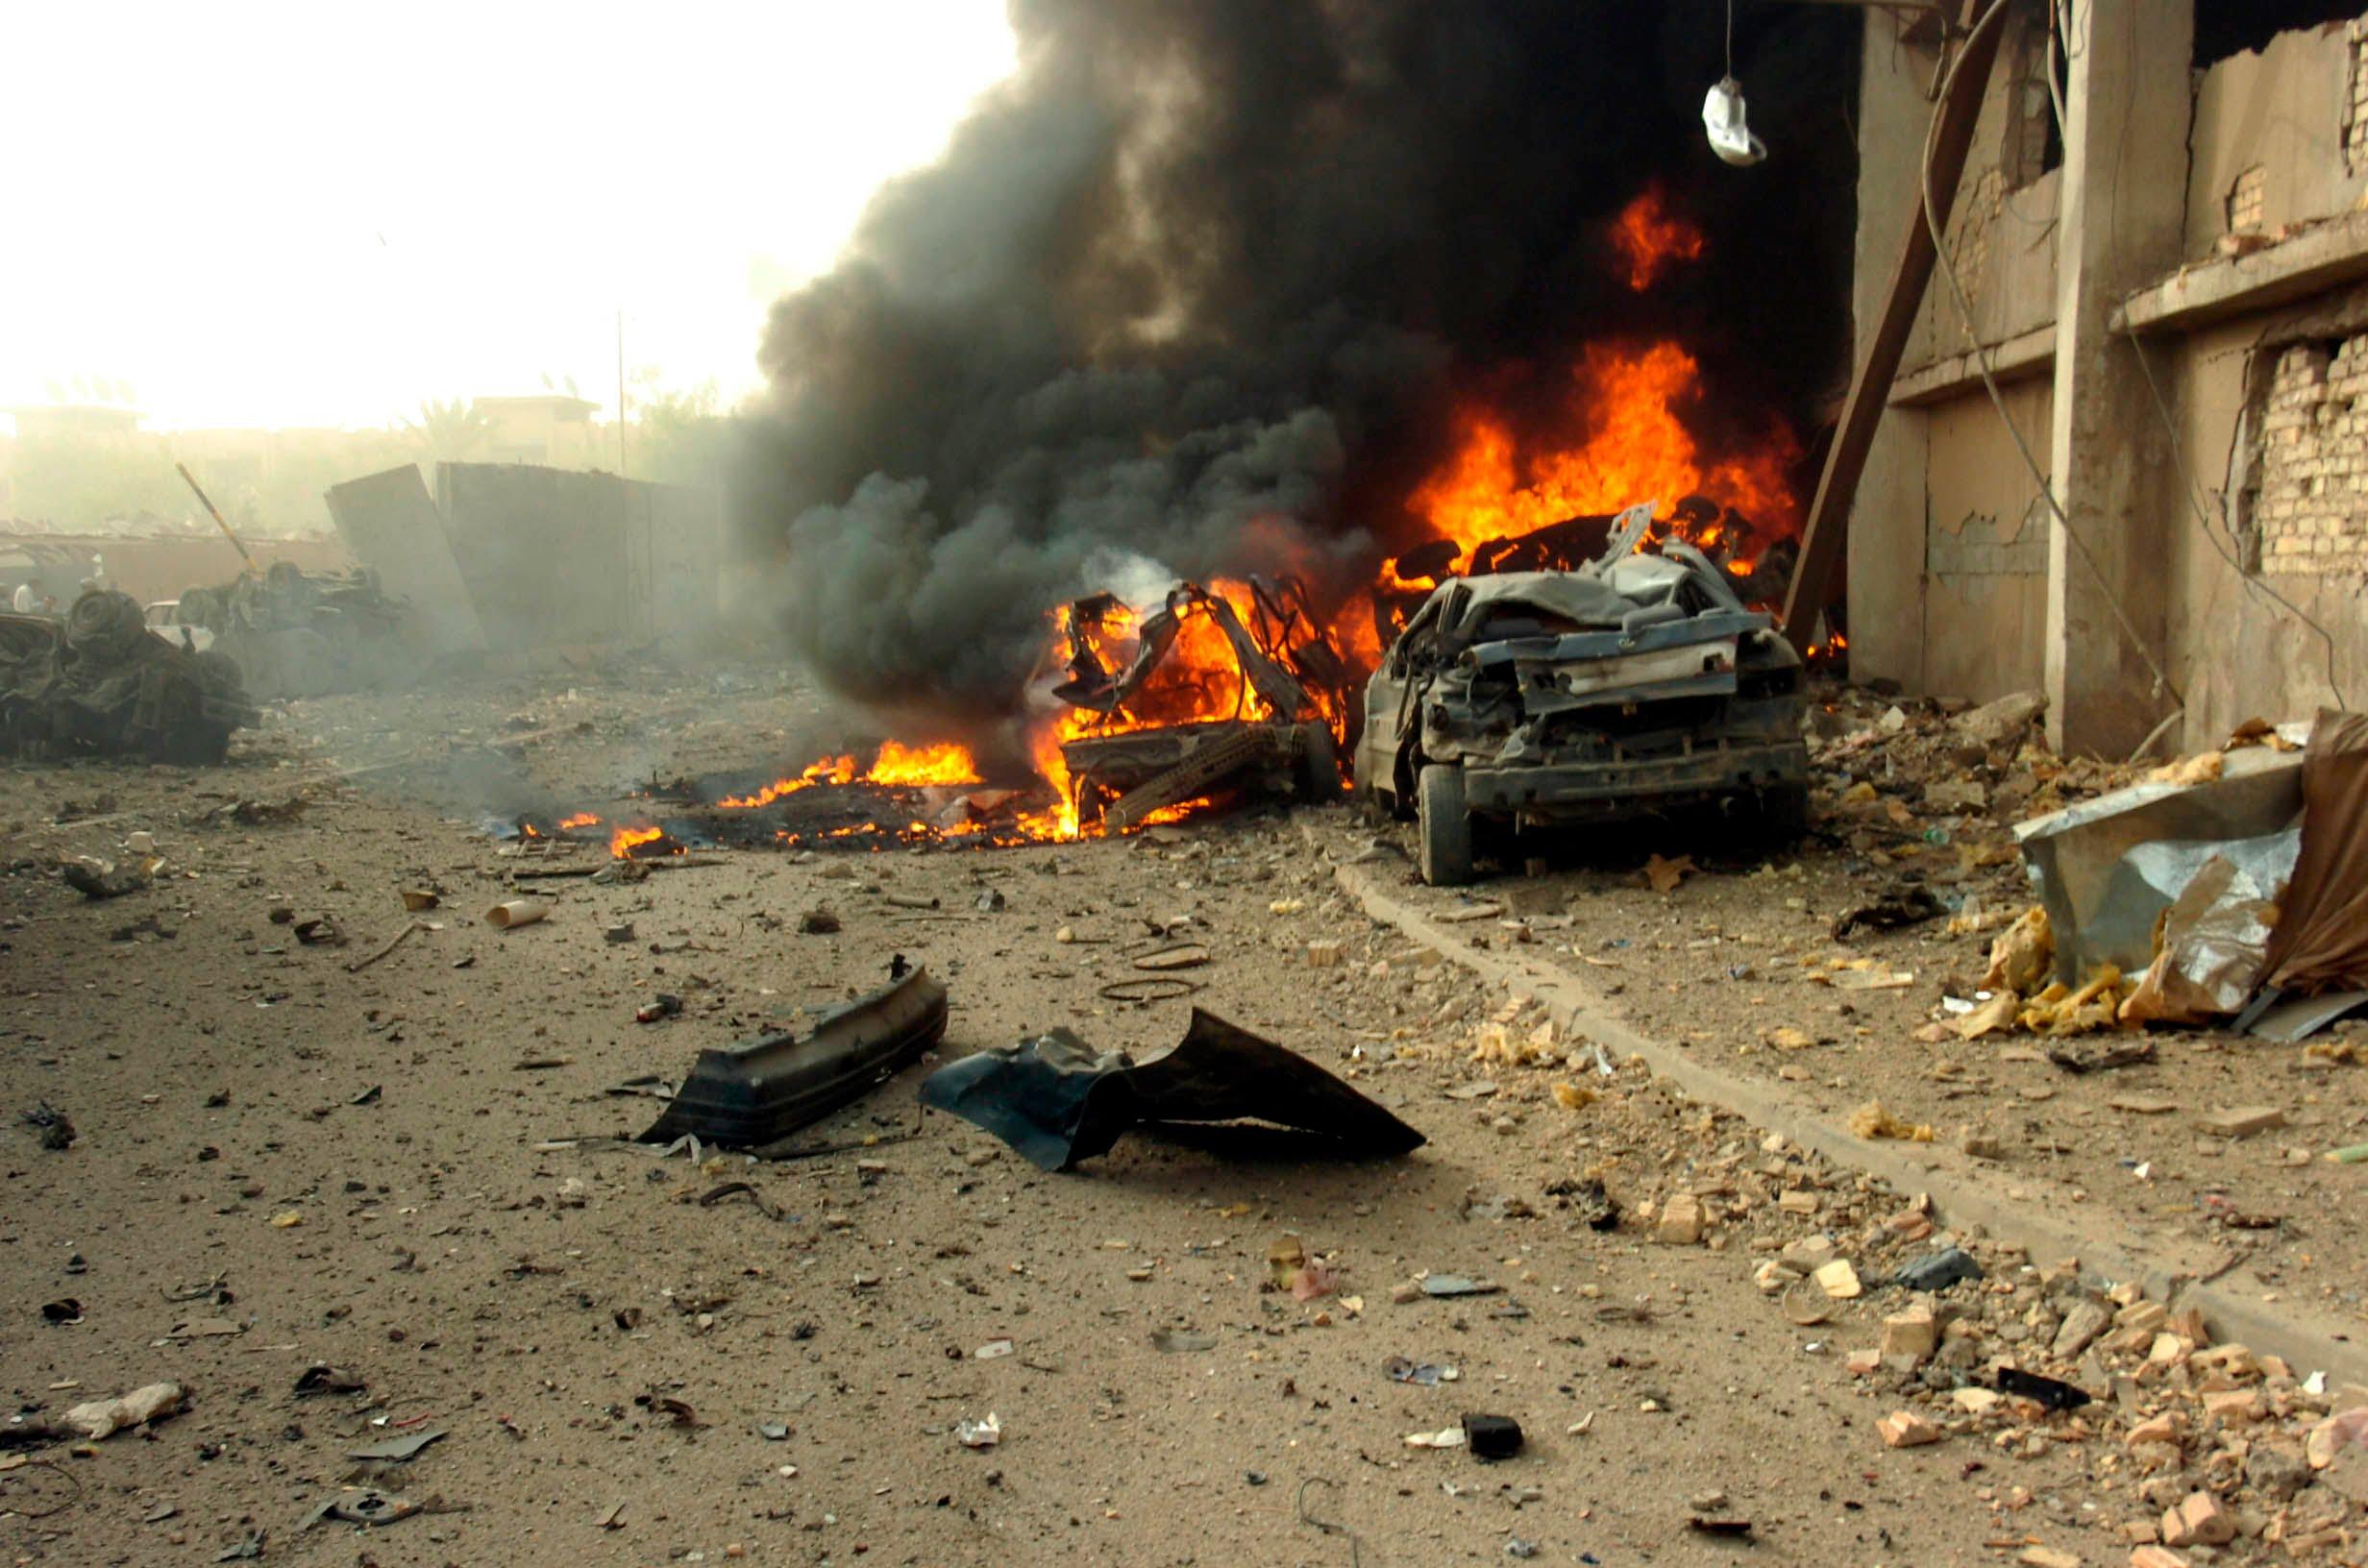 Atak zamachowca samobójcy (zdjęcie nie moje)